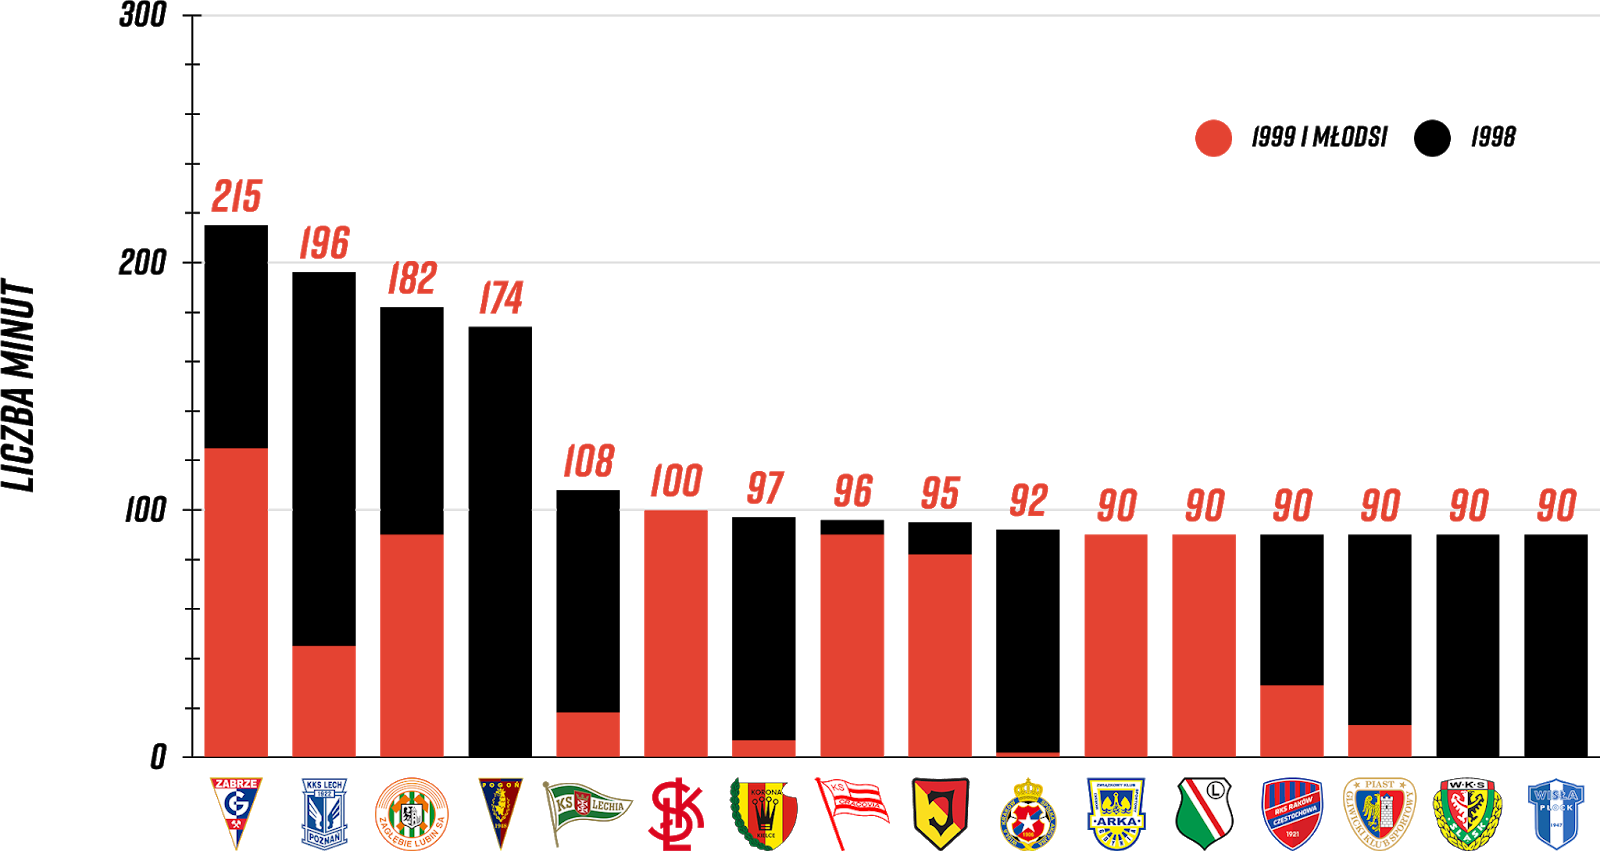 Klasyfikacja klubów pod względem rozegranych minut przez młodzieżowców w 8. kolejce PKO Ekstraklasy<br><br>Źródło: Opracowanie własne na podstawie ekstrastats.pl<br><br>graf. Bartosz Urban